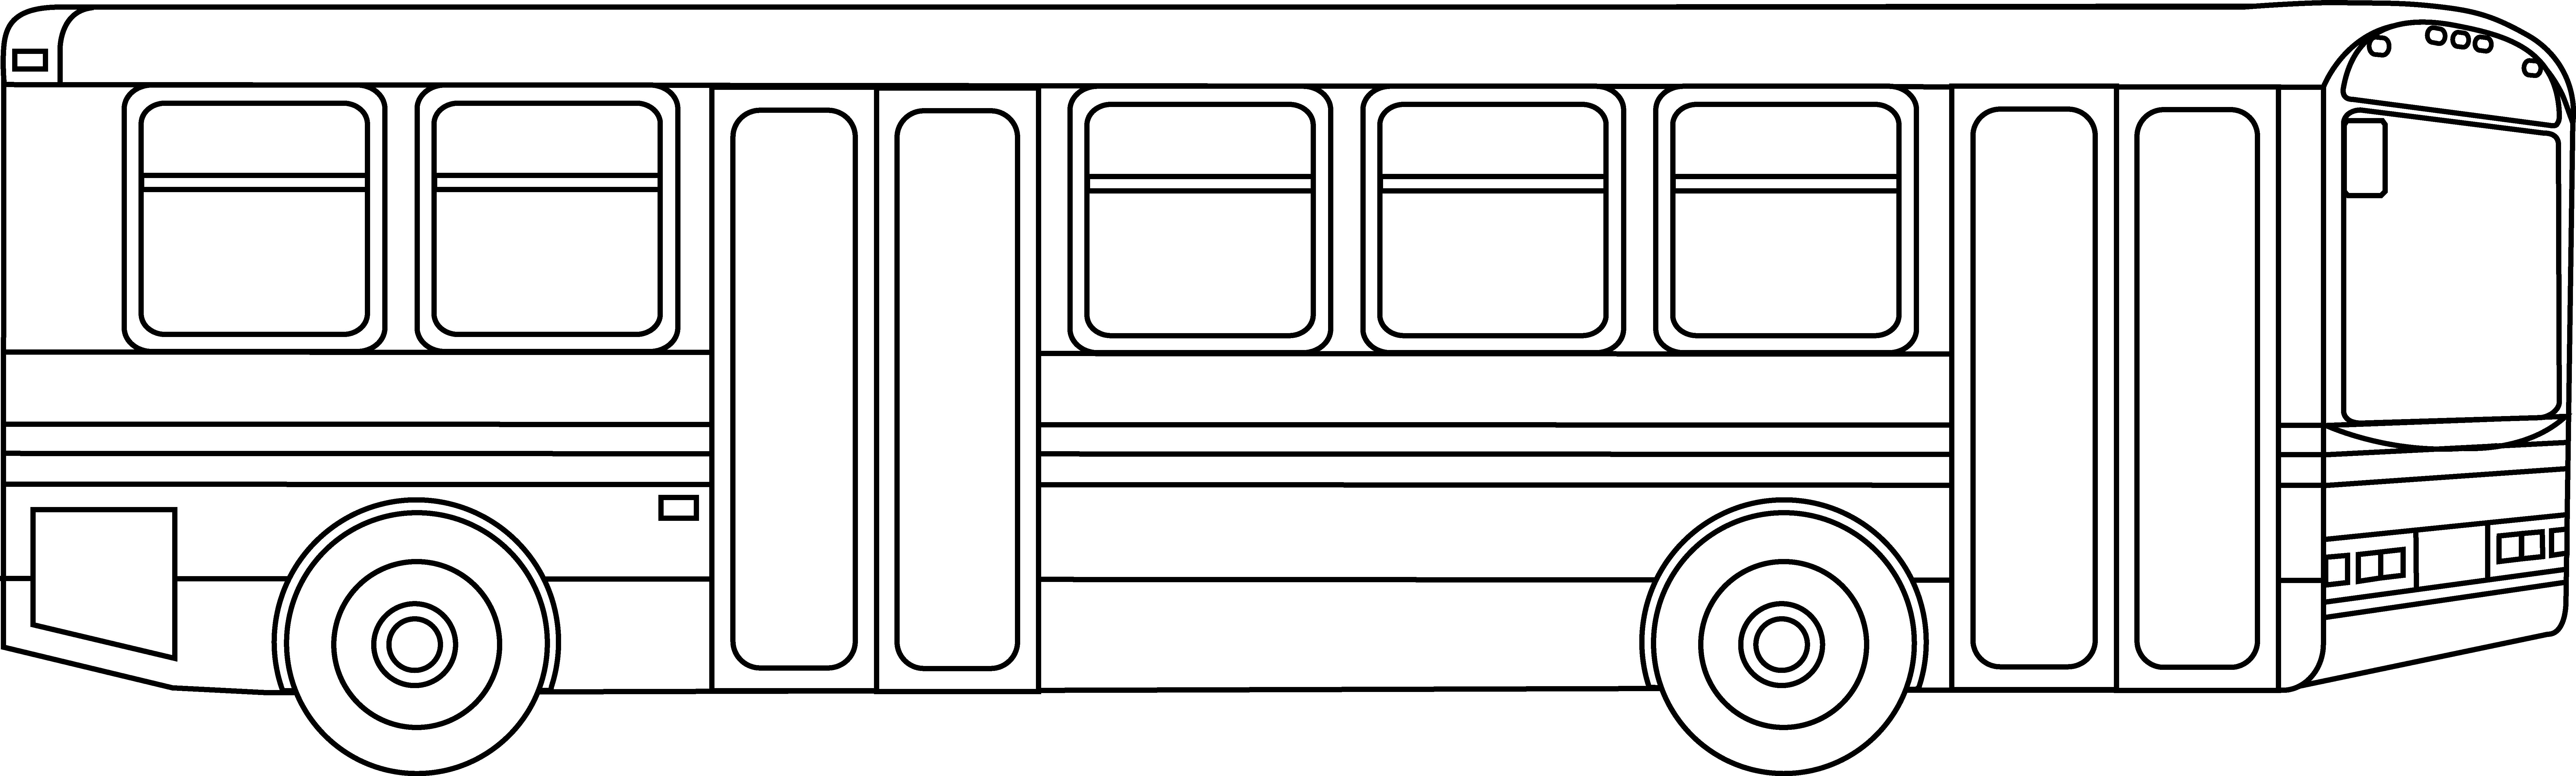 Public Transportation Bus Outline.